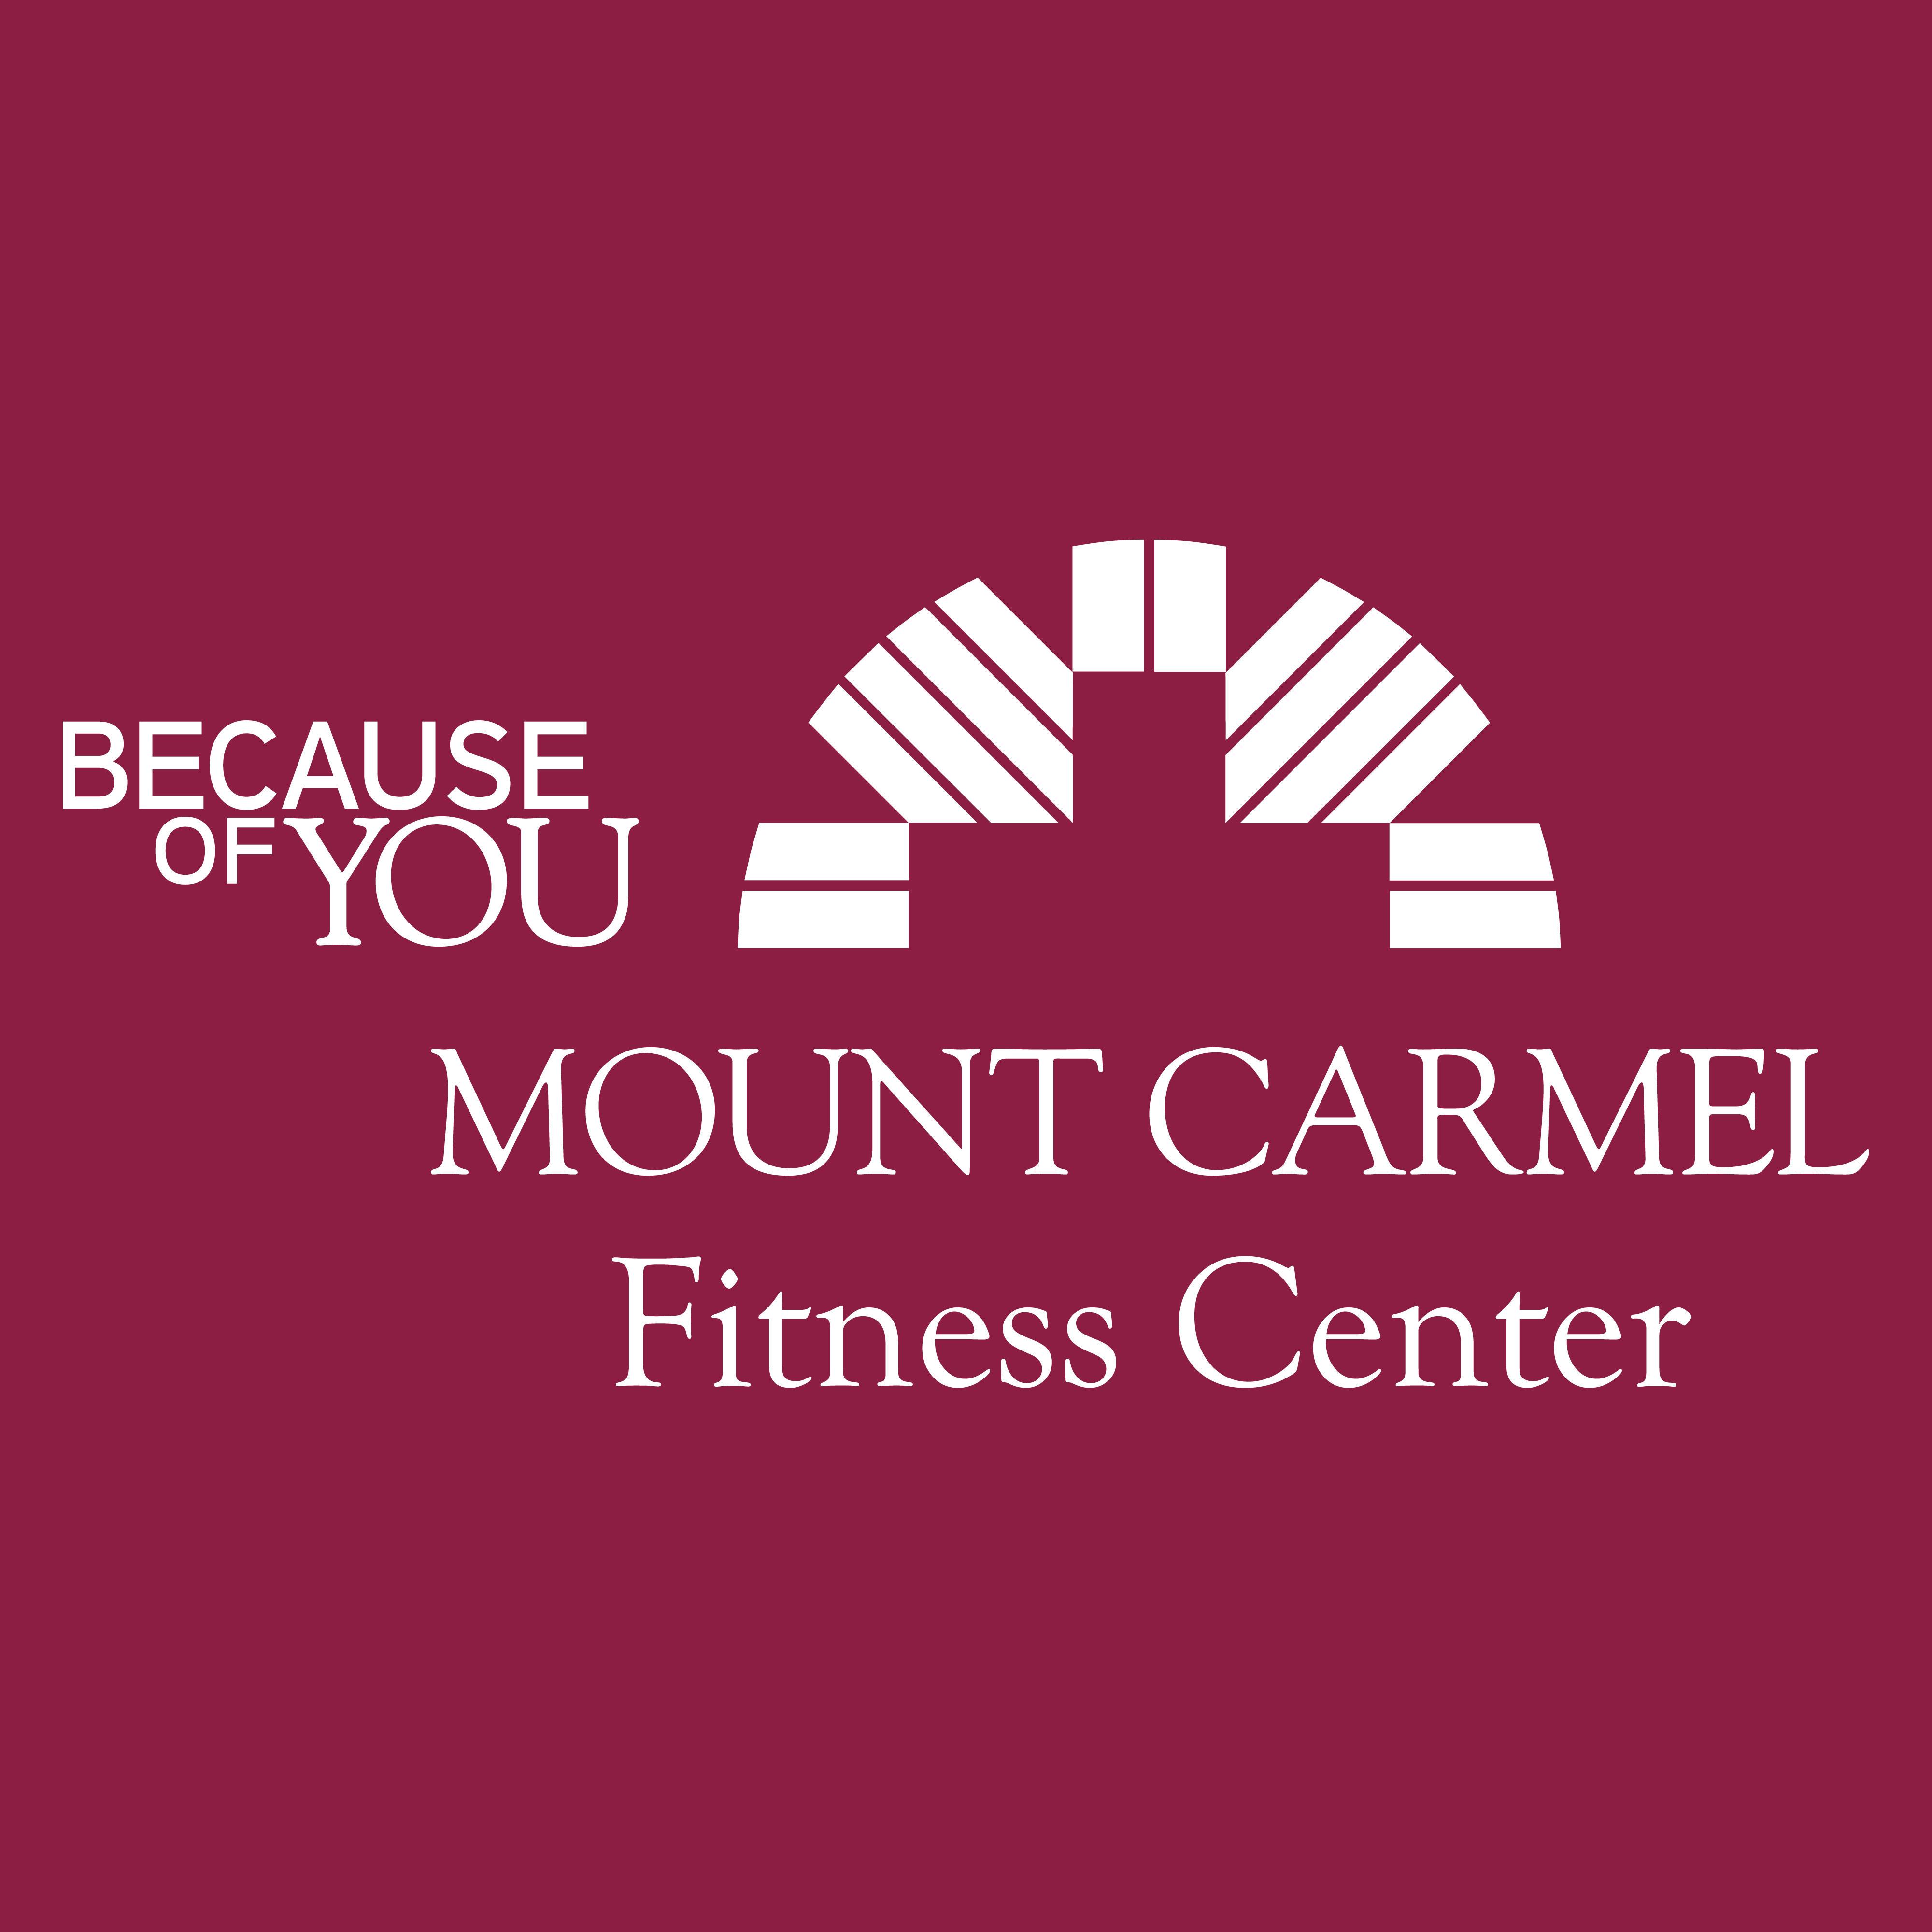 Mount Carmel Fitness Center image 1